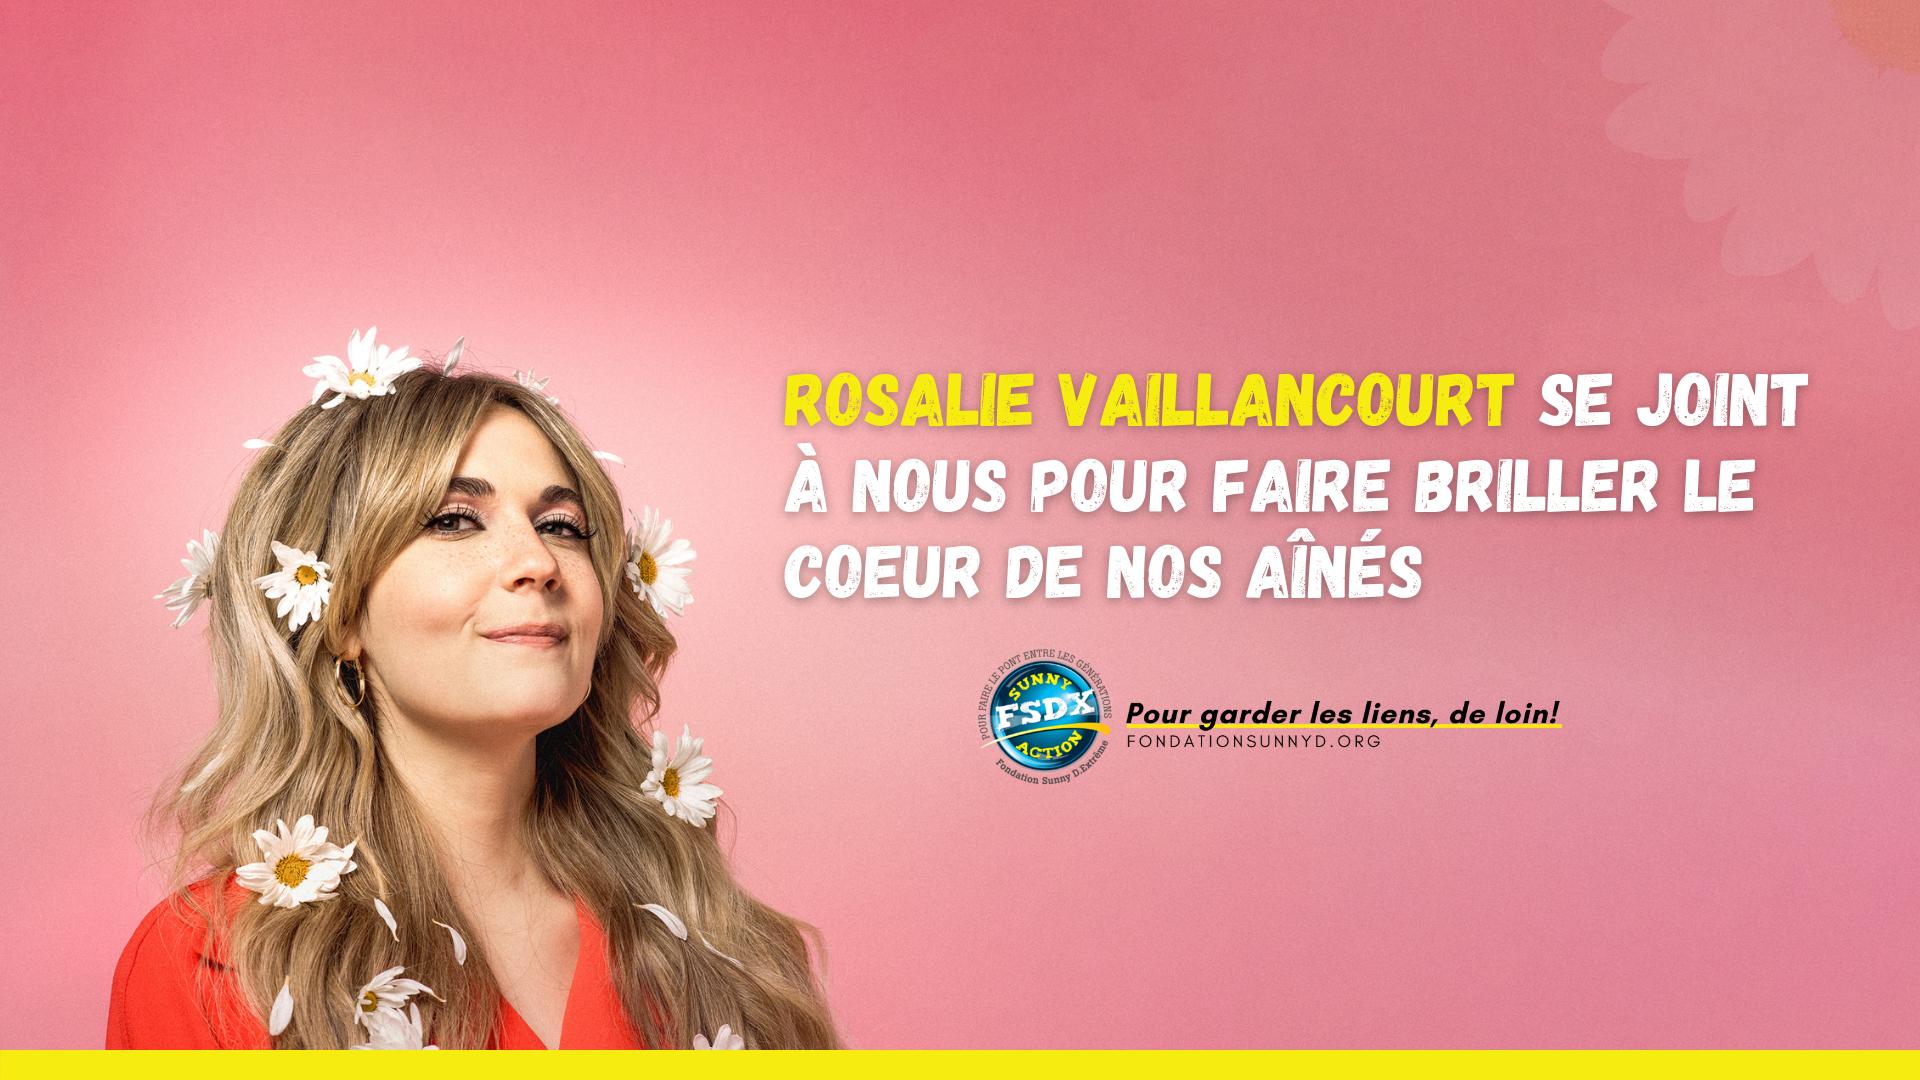 Rosalie Vaillancourt & SunnyD.